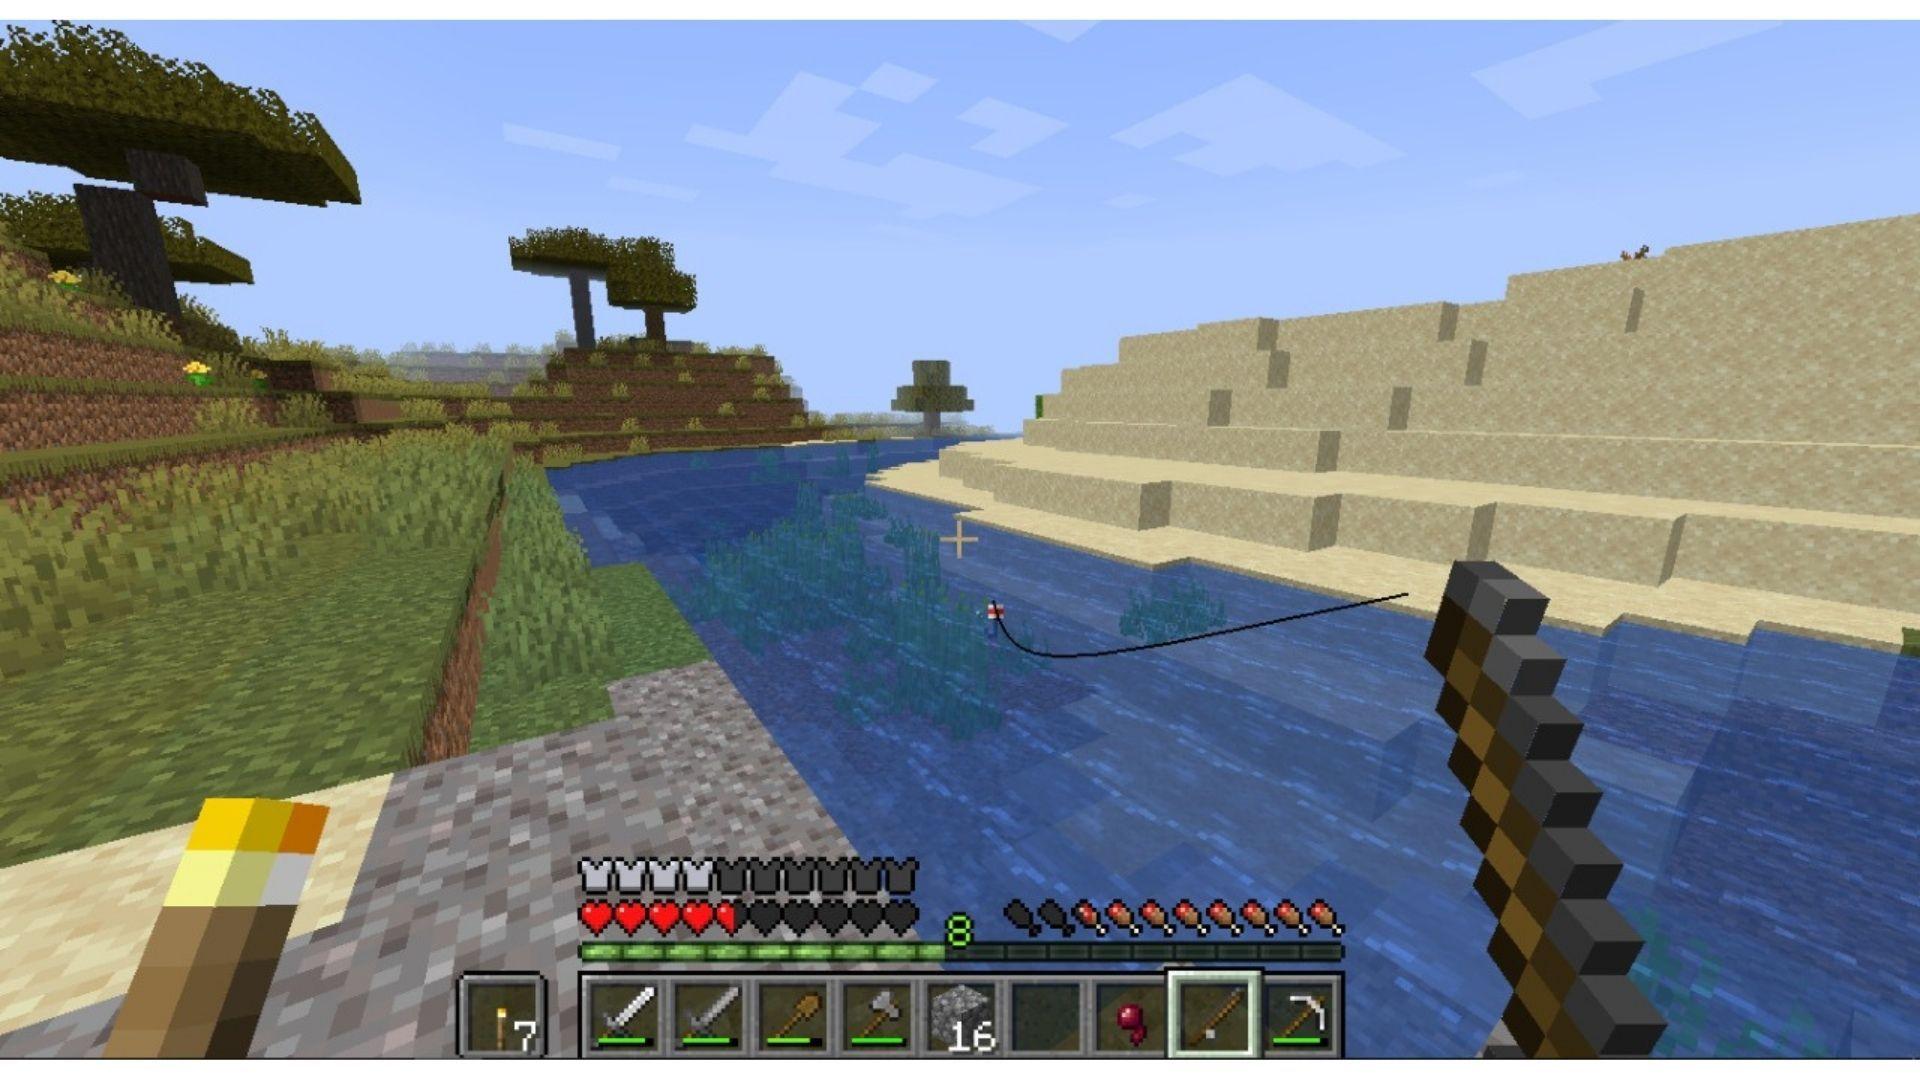 Uma das recompensas da pescaria no Minecraft são as selas para cavalo (Foto: Reprodução/Úrsula Gomes)